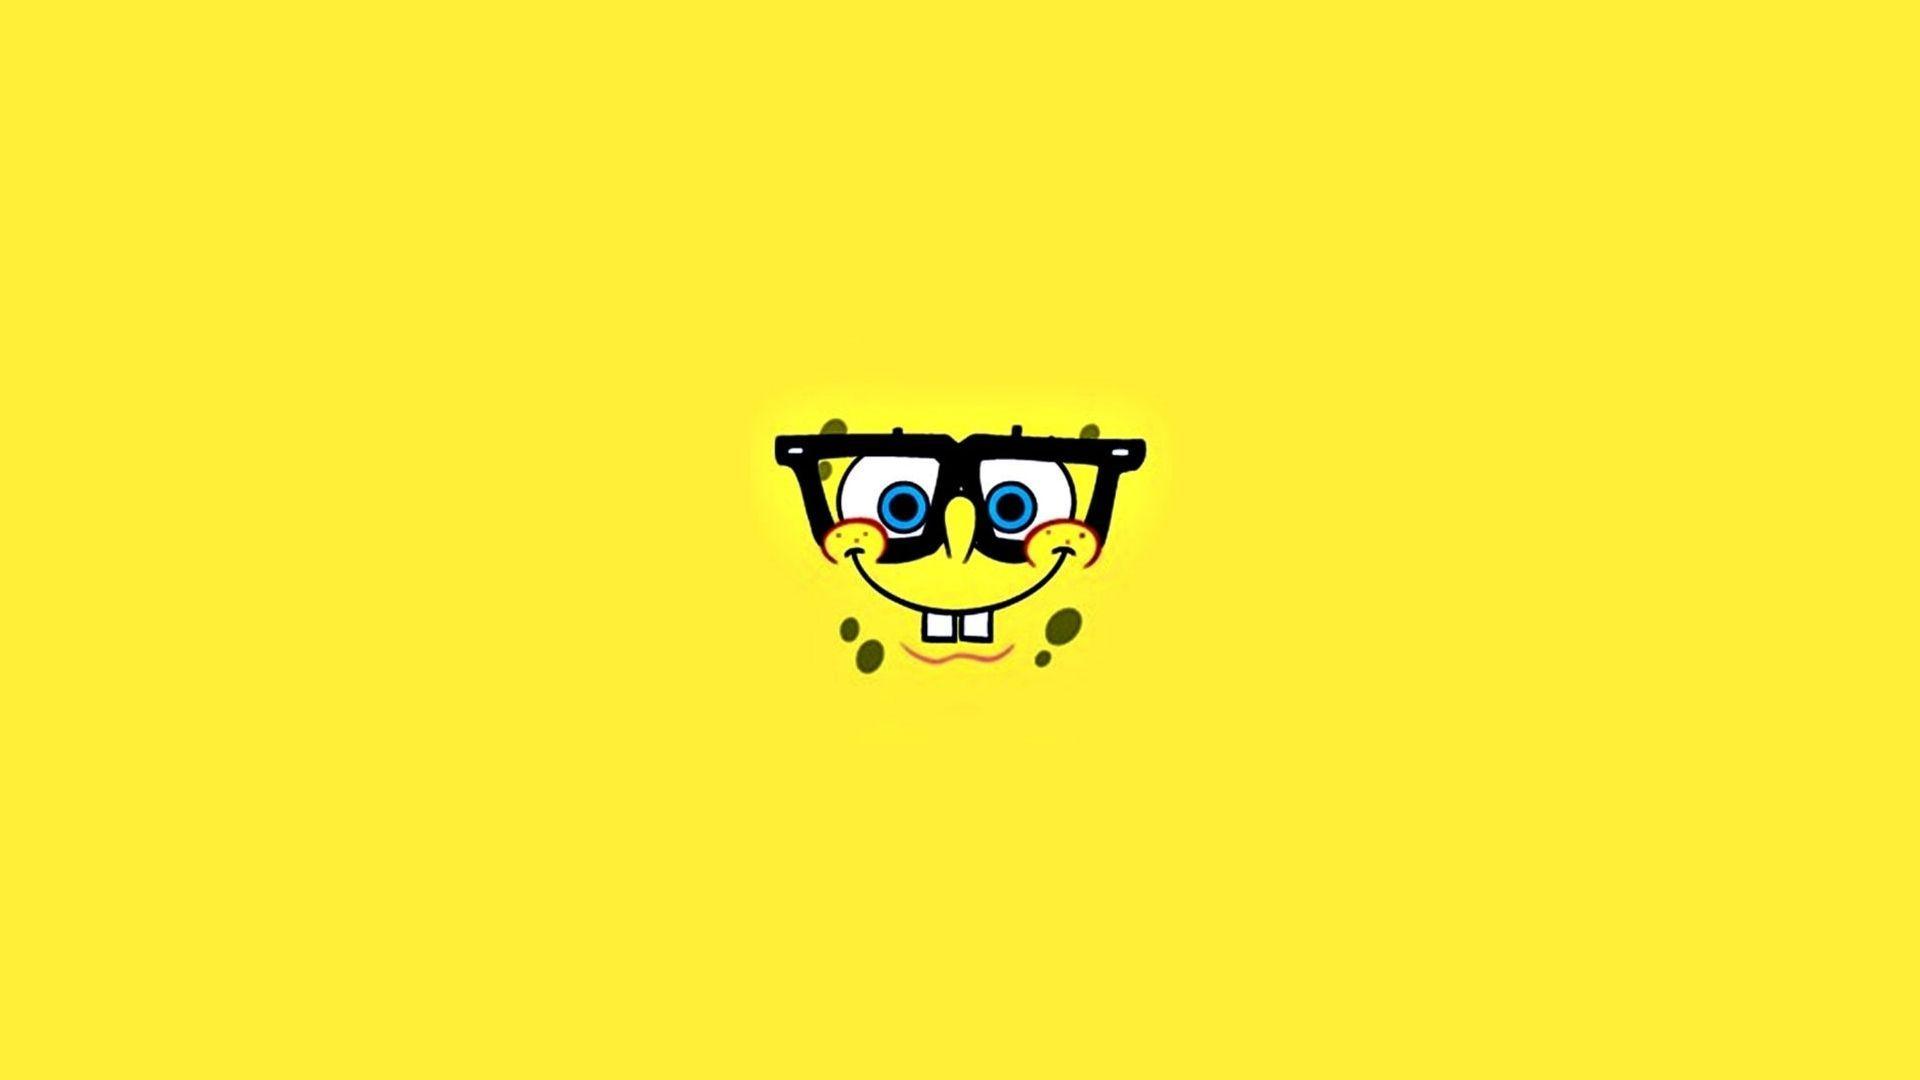 Spongebob Wallpapers Top Free Spongebob Backgrounds